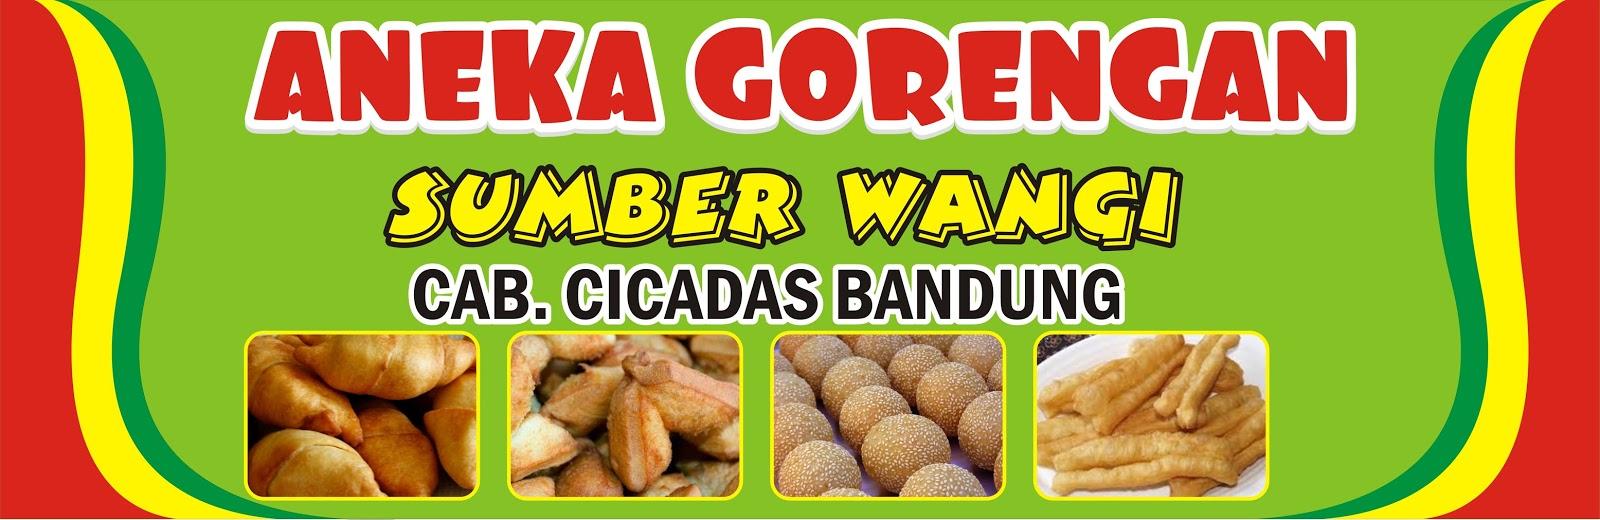 Download Contoh Spanduk Gorengan.cdr - KARYAKU